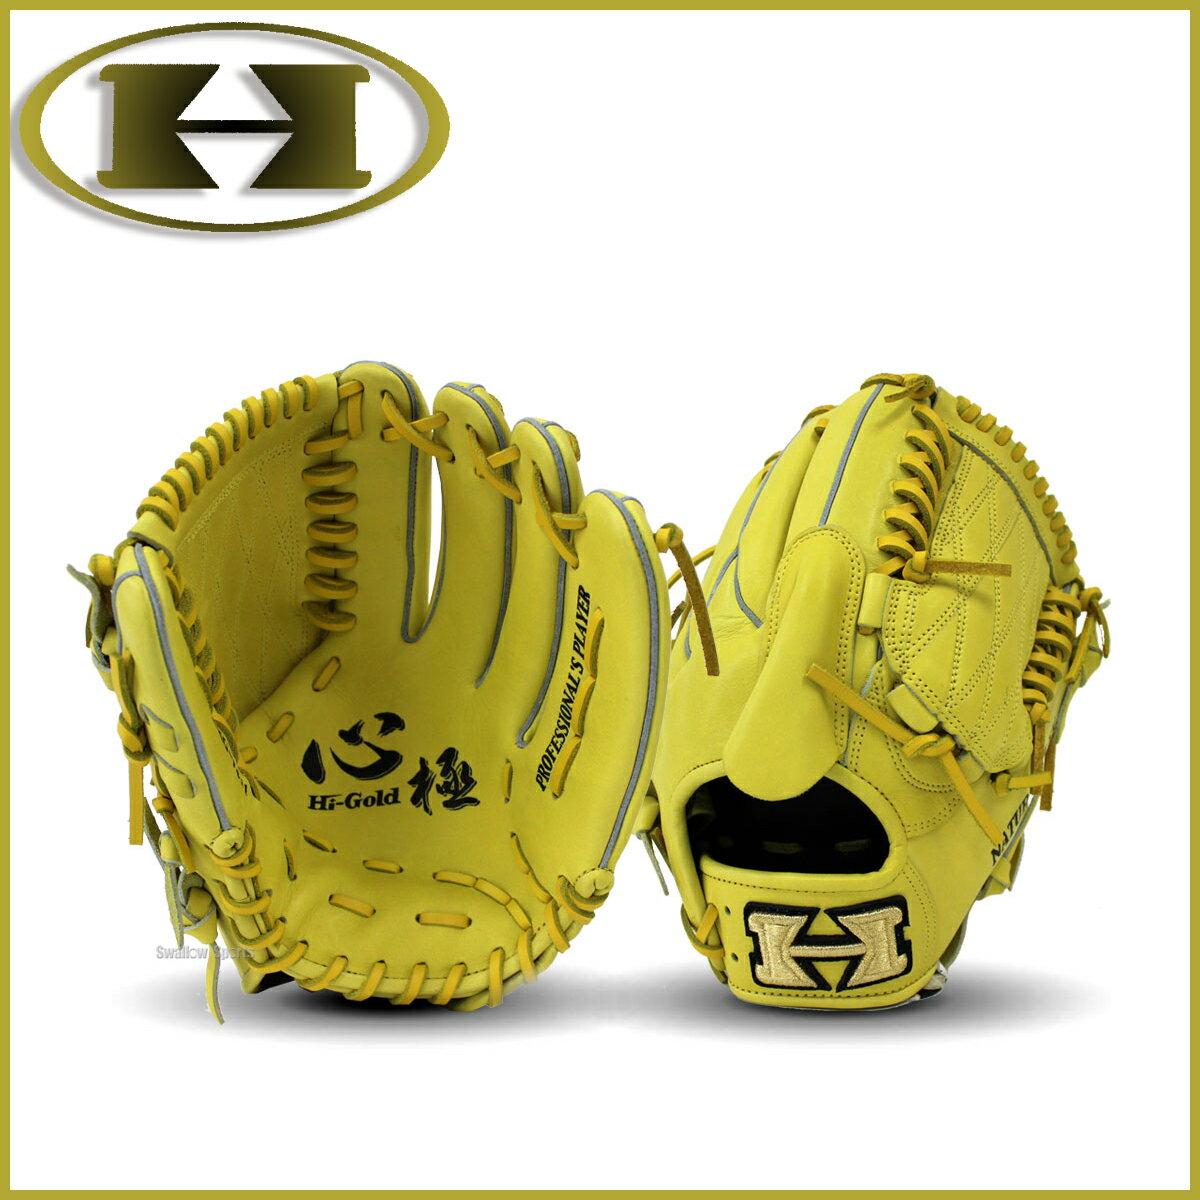 【あす楽対応】 ハイゴールド 軟式 グローブ グラブ 心極 投手用 KKG-7411 グローブ 軟式 ピッチャー用 HI-GOLD 野球用品 スワロースポーツ